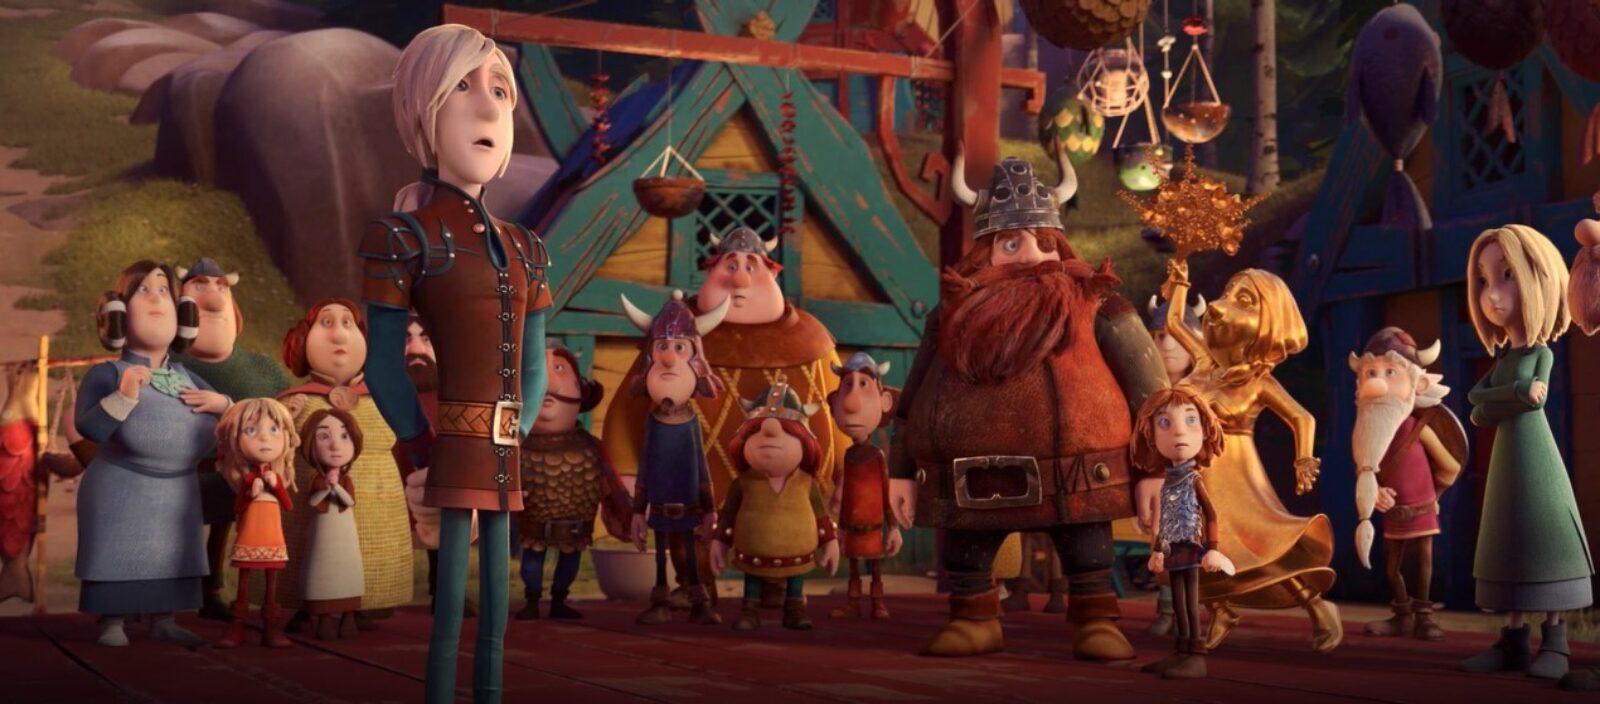 Vic il Vichingo e la Spada Magica: un'immagine del film